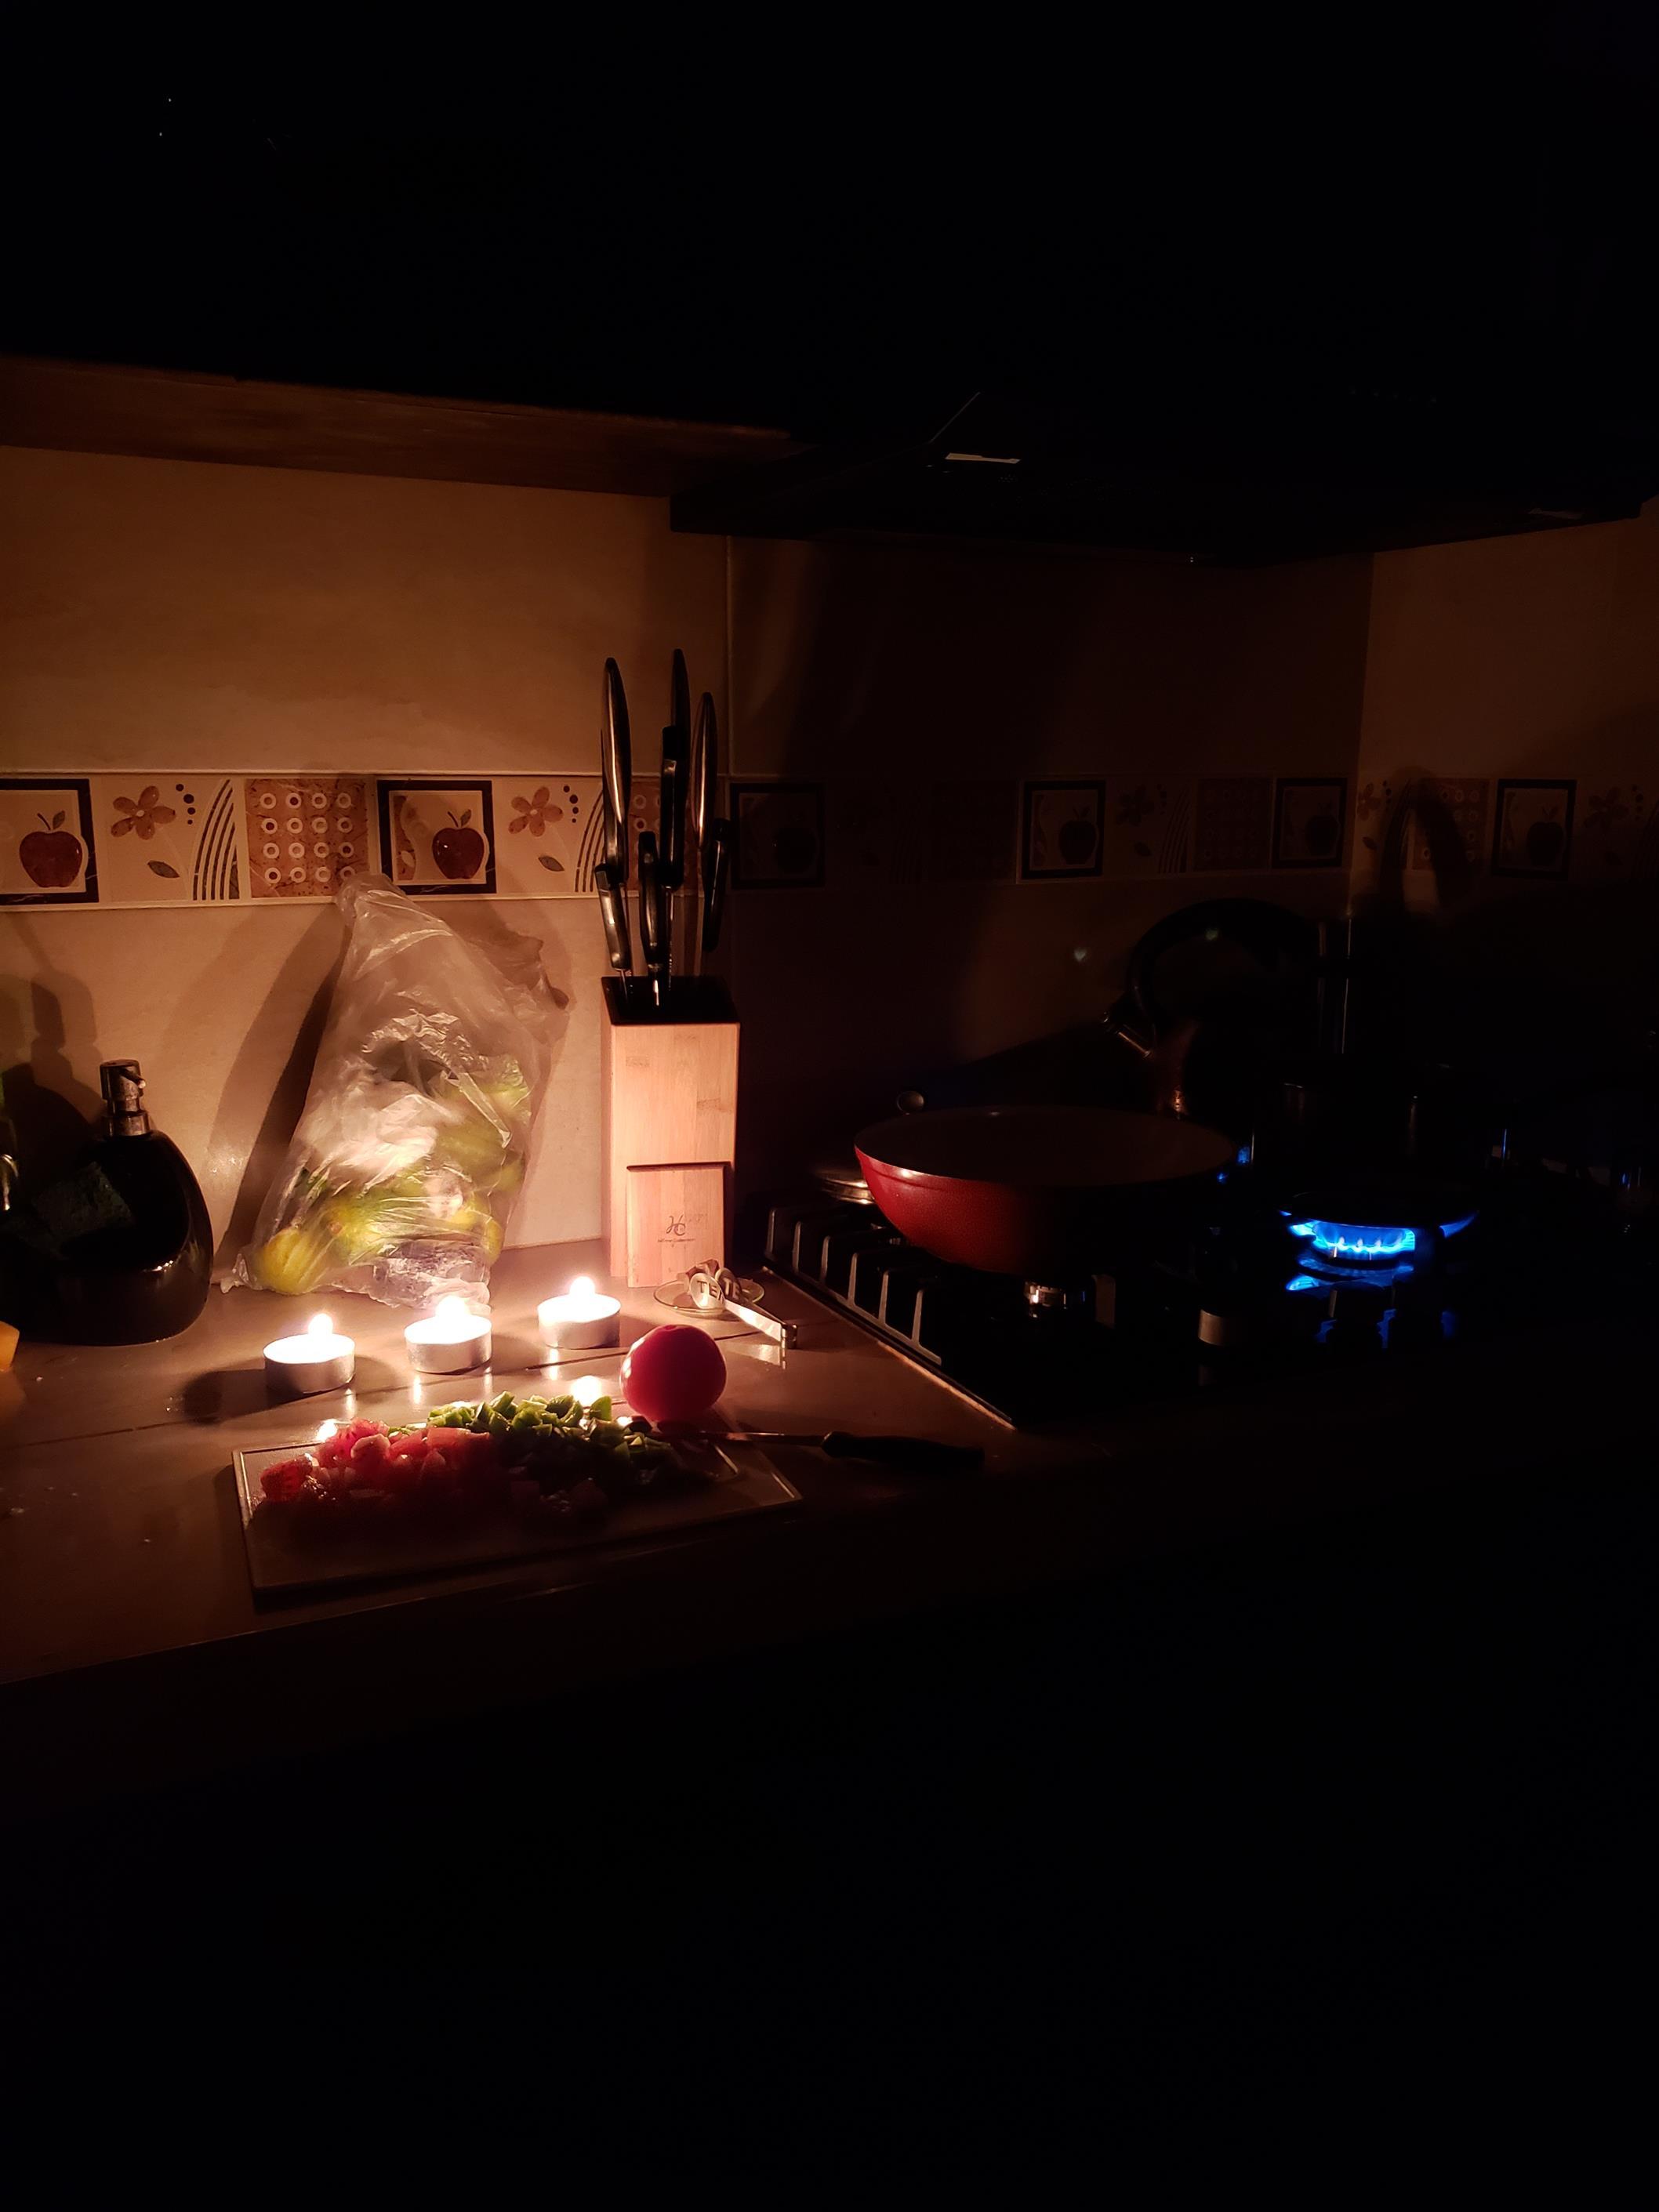 30 uur stroomstoring koken bij kaarslicht